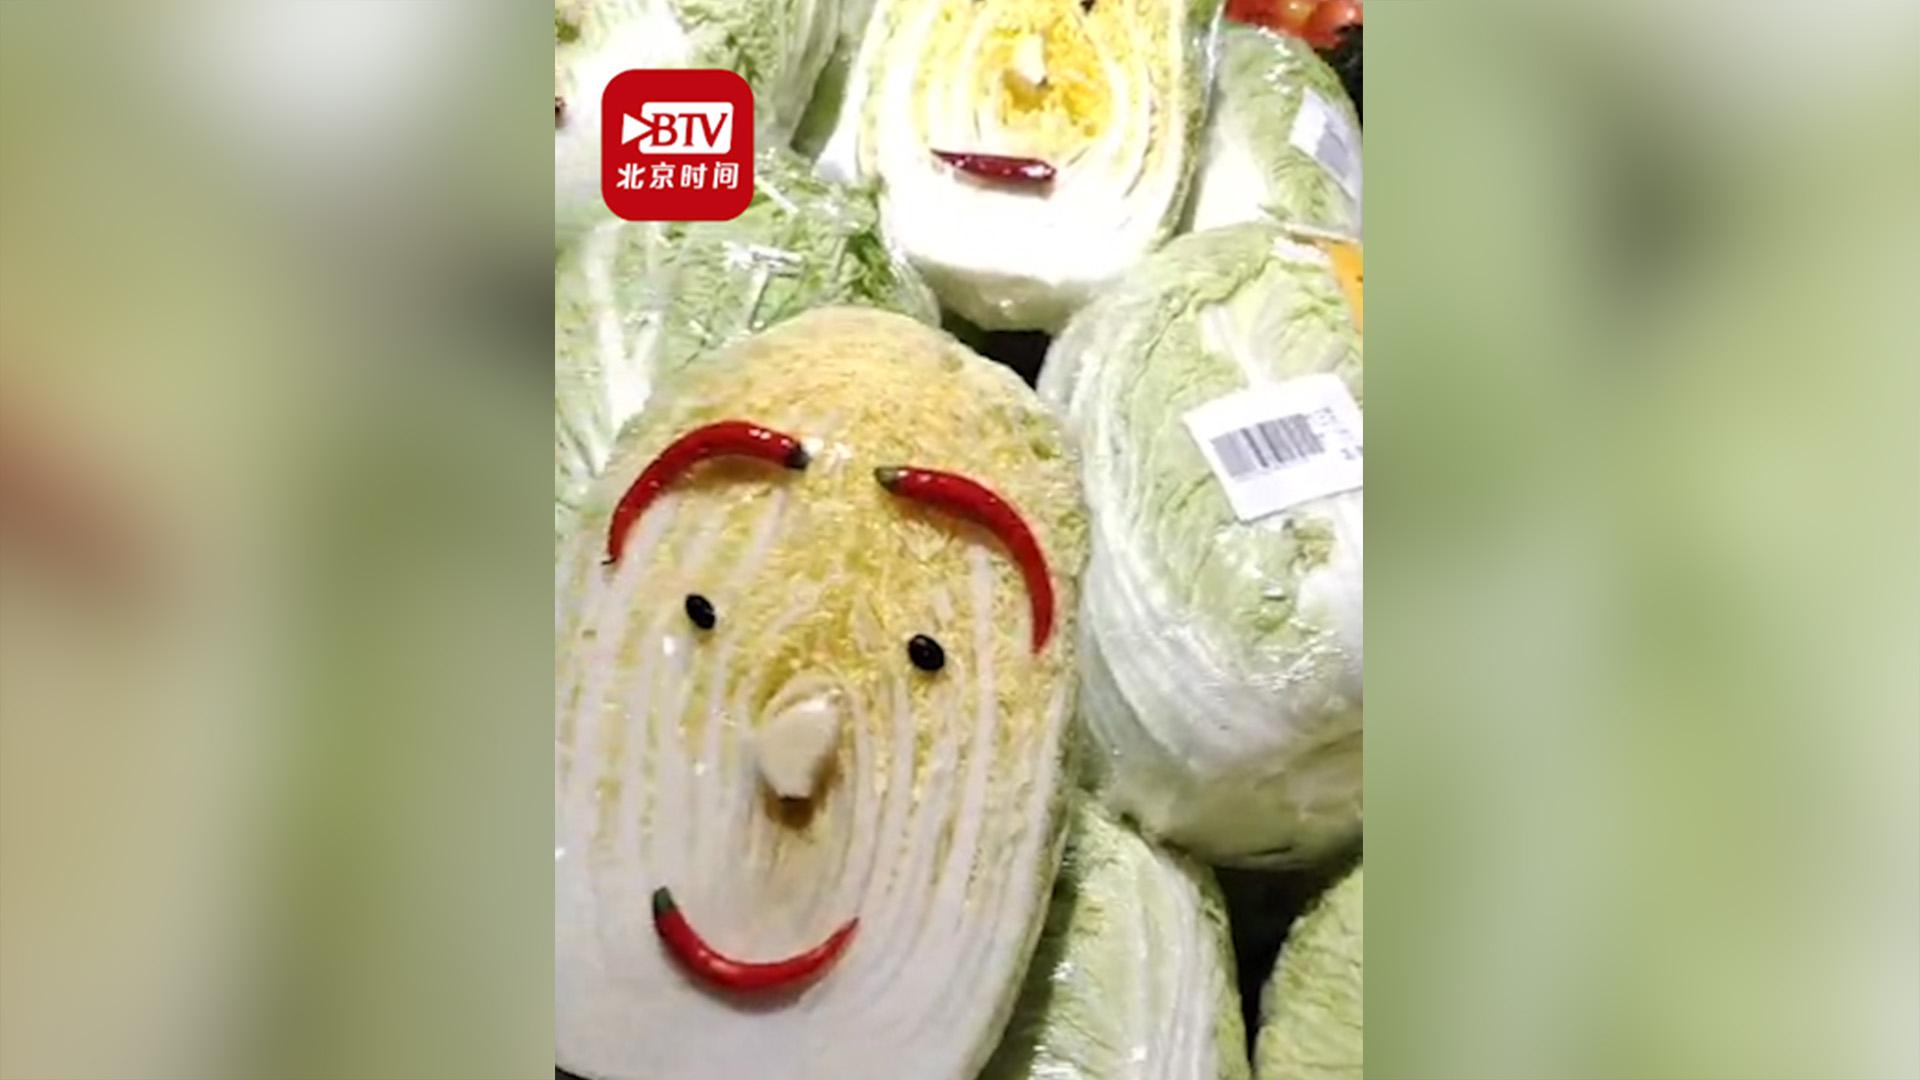 超市把大白菜用辣椒蒜瓣包成笑脸 店方:本意是好玩,没想到供不应求